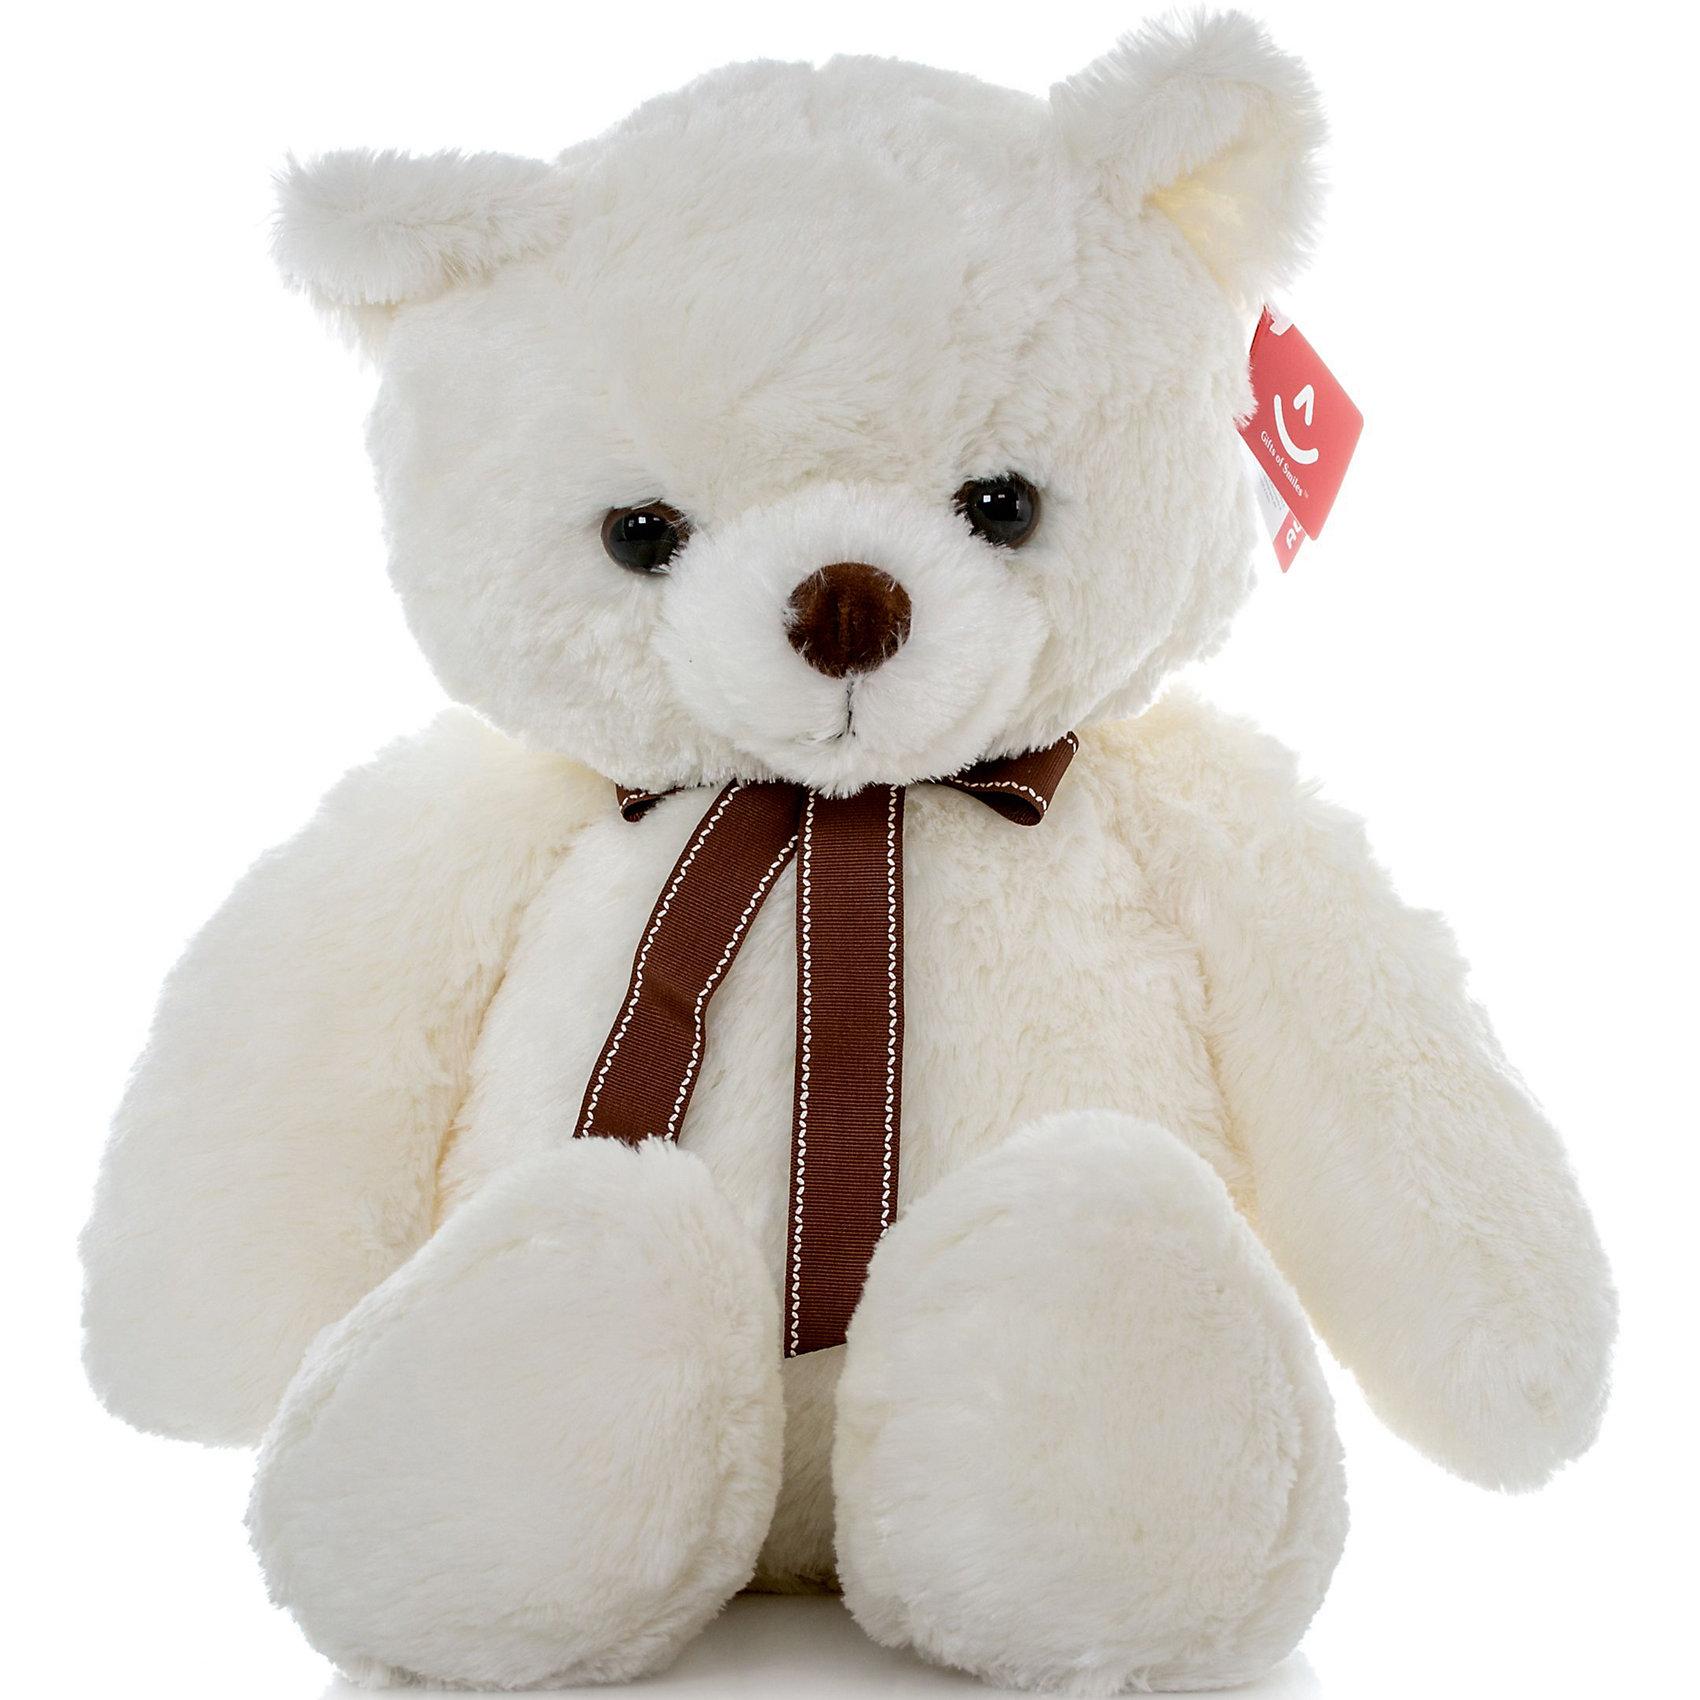 Мягкая игрушка Медведь кремовый, 65 см, AURORAМедвежата<br>Милый плюшевый мишка станет любимой игрушкой Вашего ребенка, ведь он невероятно мягкий и красивый, а еще его можно брать везде с собой!<br><br>Дополнительная информация:<br><br>- Возраст: от 3 лет.<br>- Материал: синтепон, искусственный мех.<br>- Цвет: кремовый.<br>- Высота игрушки: 65 см.<br><br>Купить игрушку Медведя в кремовом цвете, можно в нашем магазине.<br><br>Ширина мм: 230<br>Глубина мм: 210<br>Высота мм: 270<br>Вес г: 862<br>Возраст от месяцев: 36<br>Возраст до месяцев: 120<br>Пол: Унисекс<br>Возраст: Детский<br>SKU: 4929025